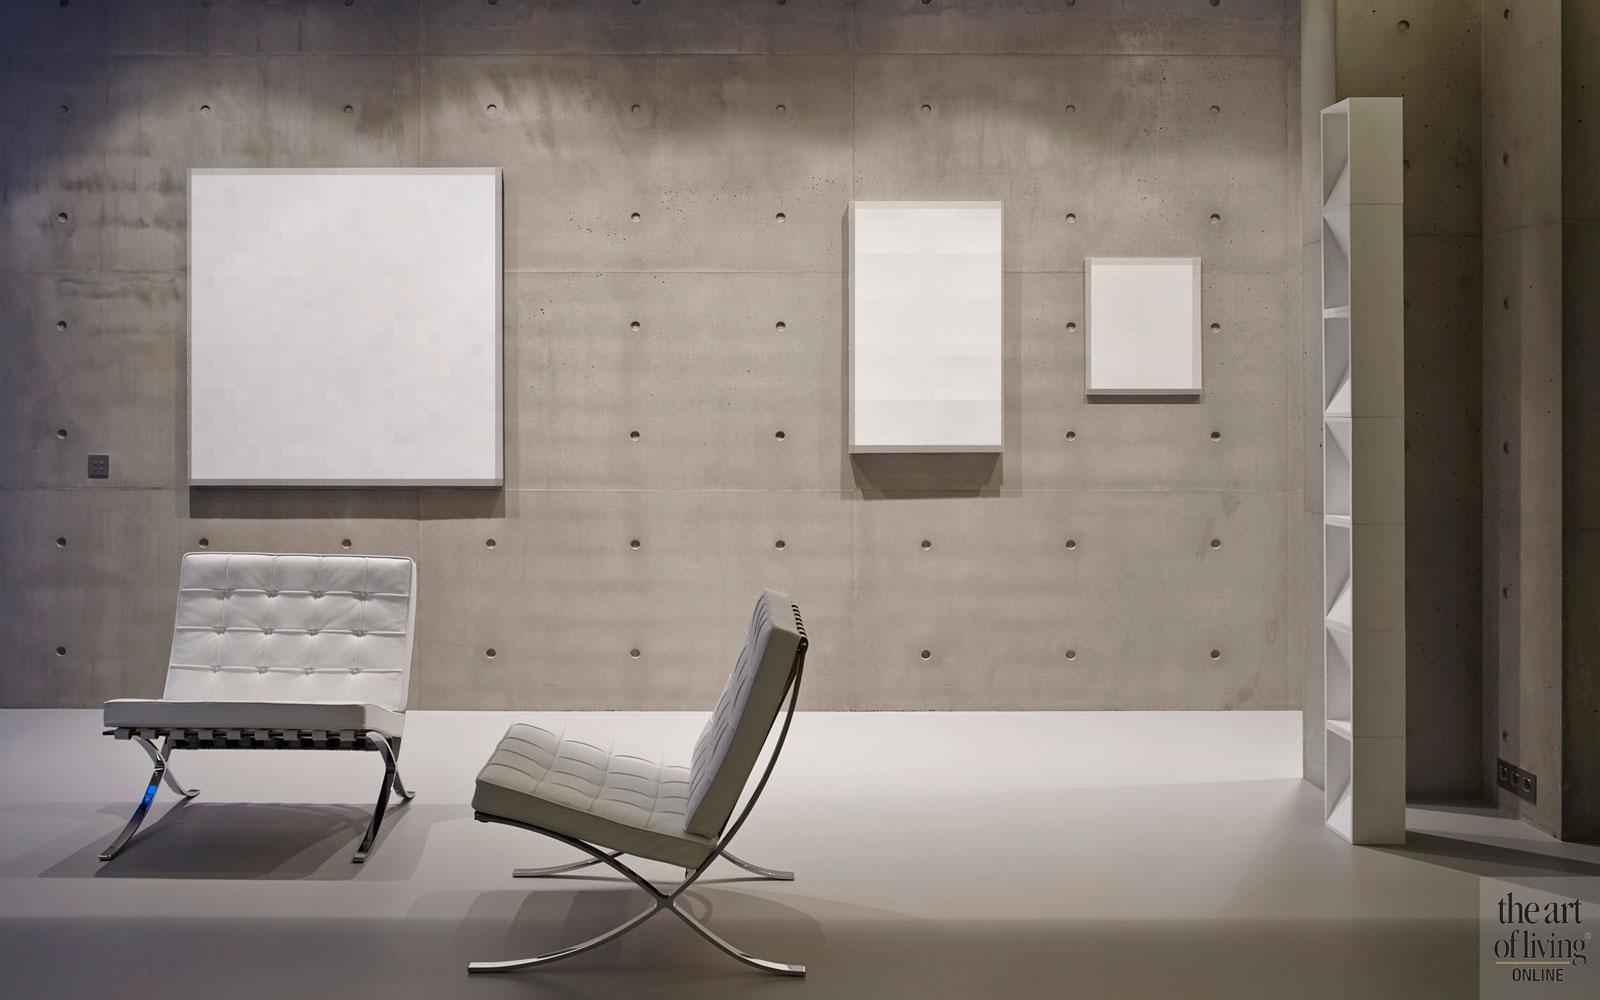 Kelder, strak, beton, Vonder Interieur, Marcel Wolterinck, kelder, oud ontmoet nieuw, VVR Architecten